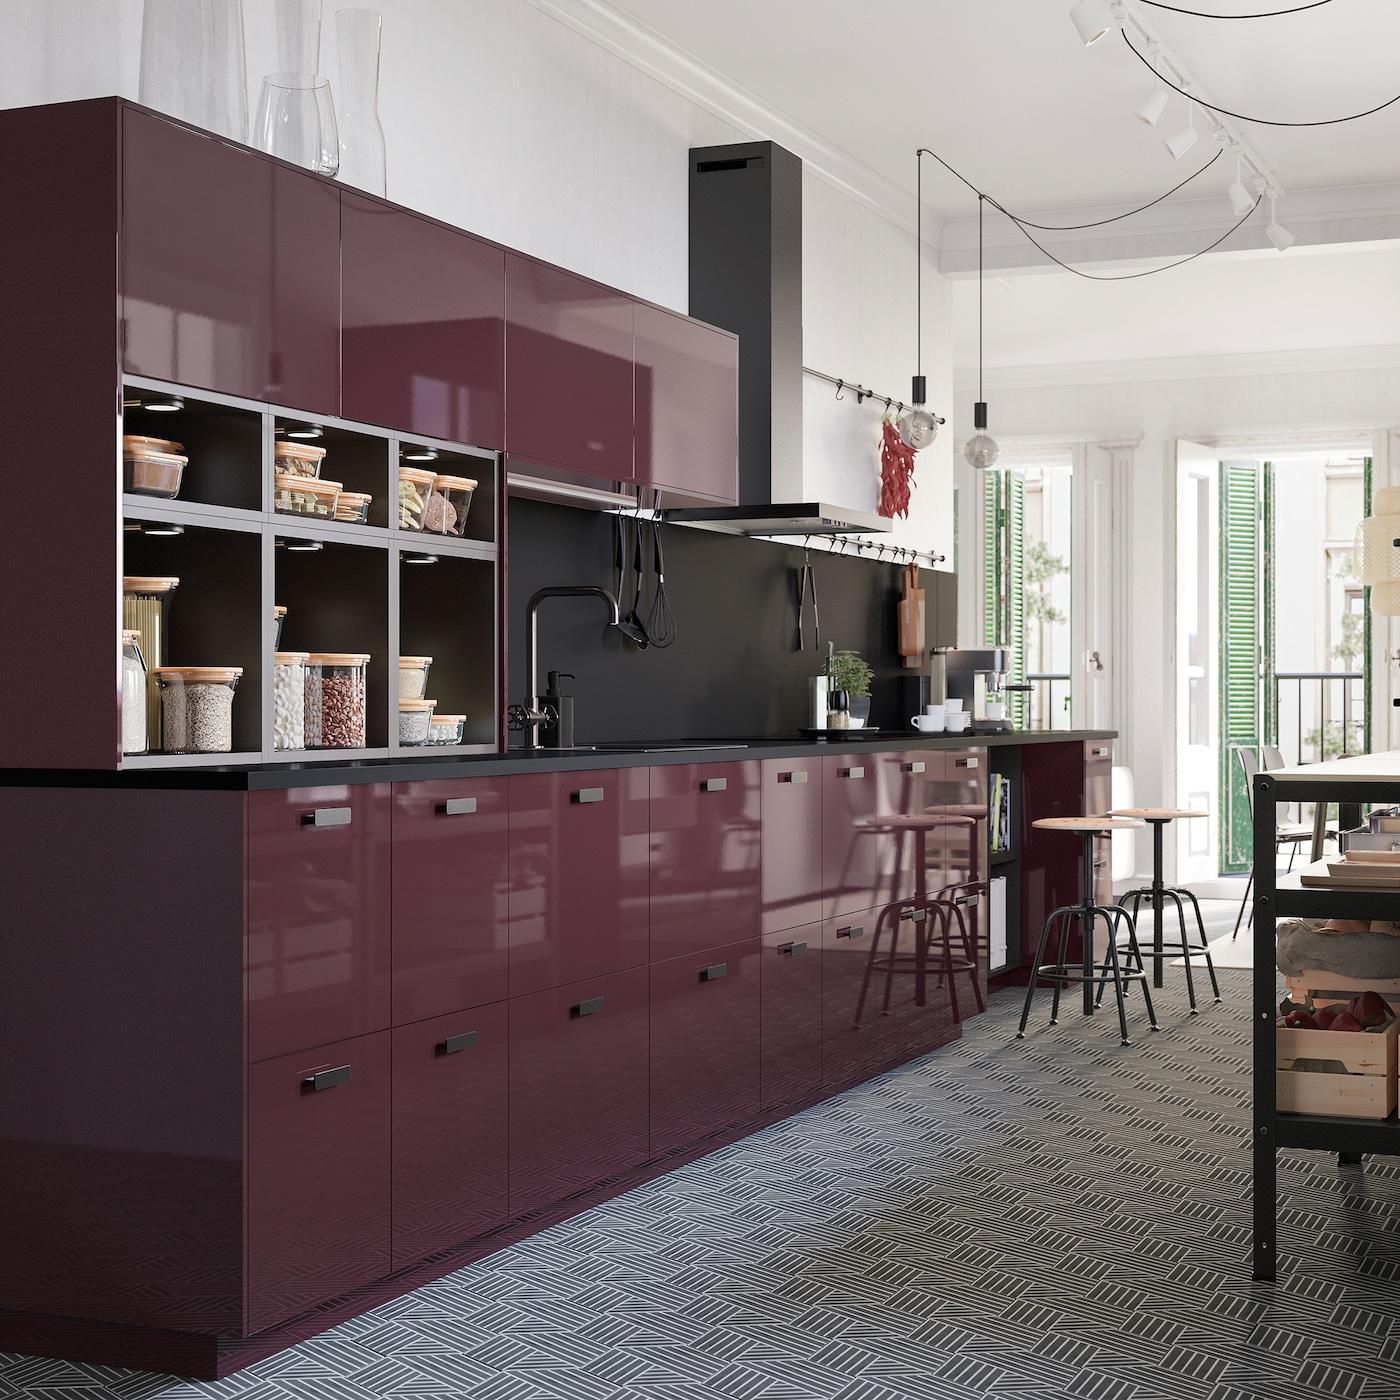 高光泽深红褐色调的厨房,饰有六边形图案的地板,带电线的裸灯泡从天花板上垂下。